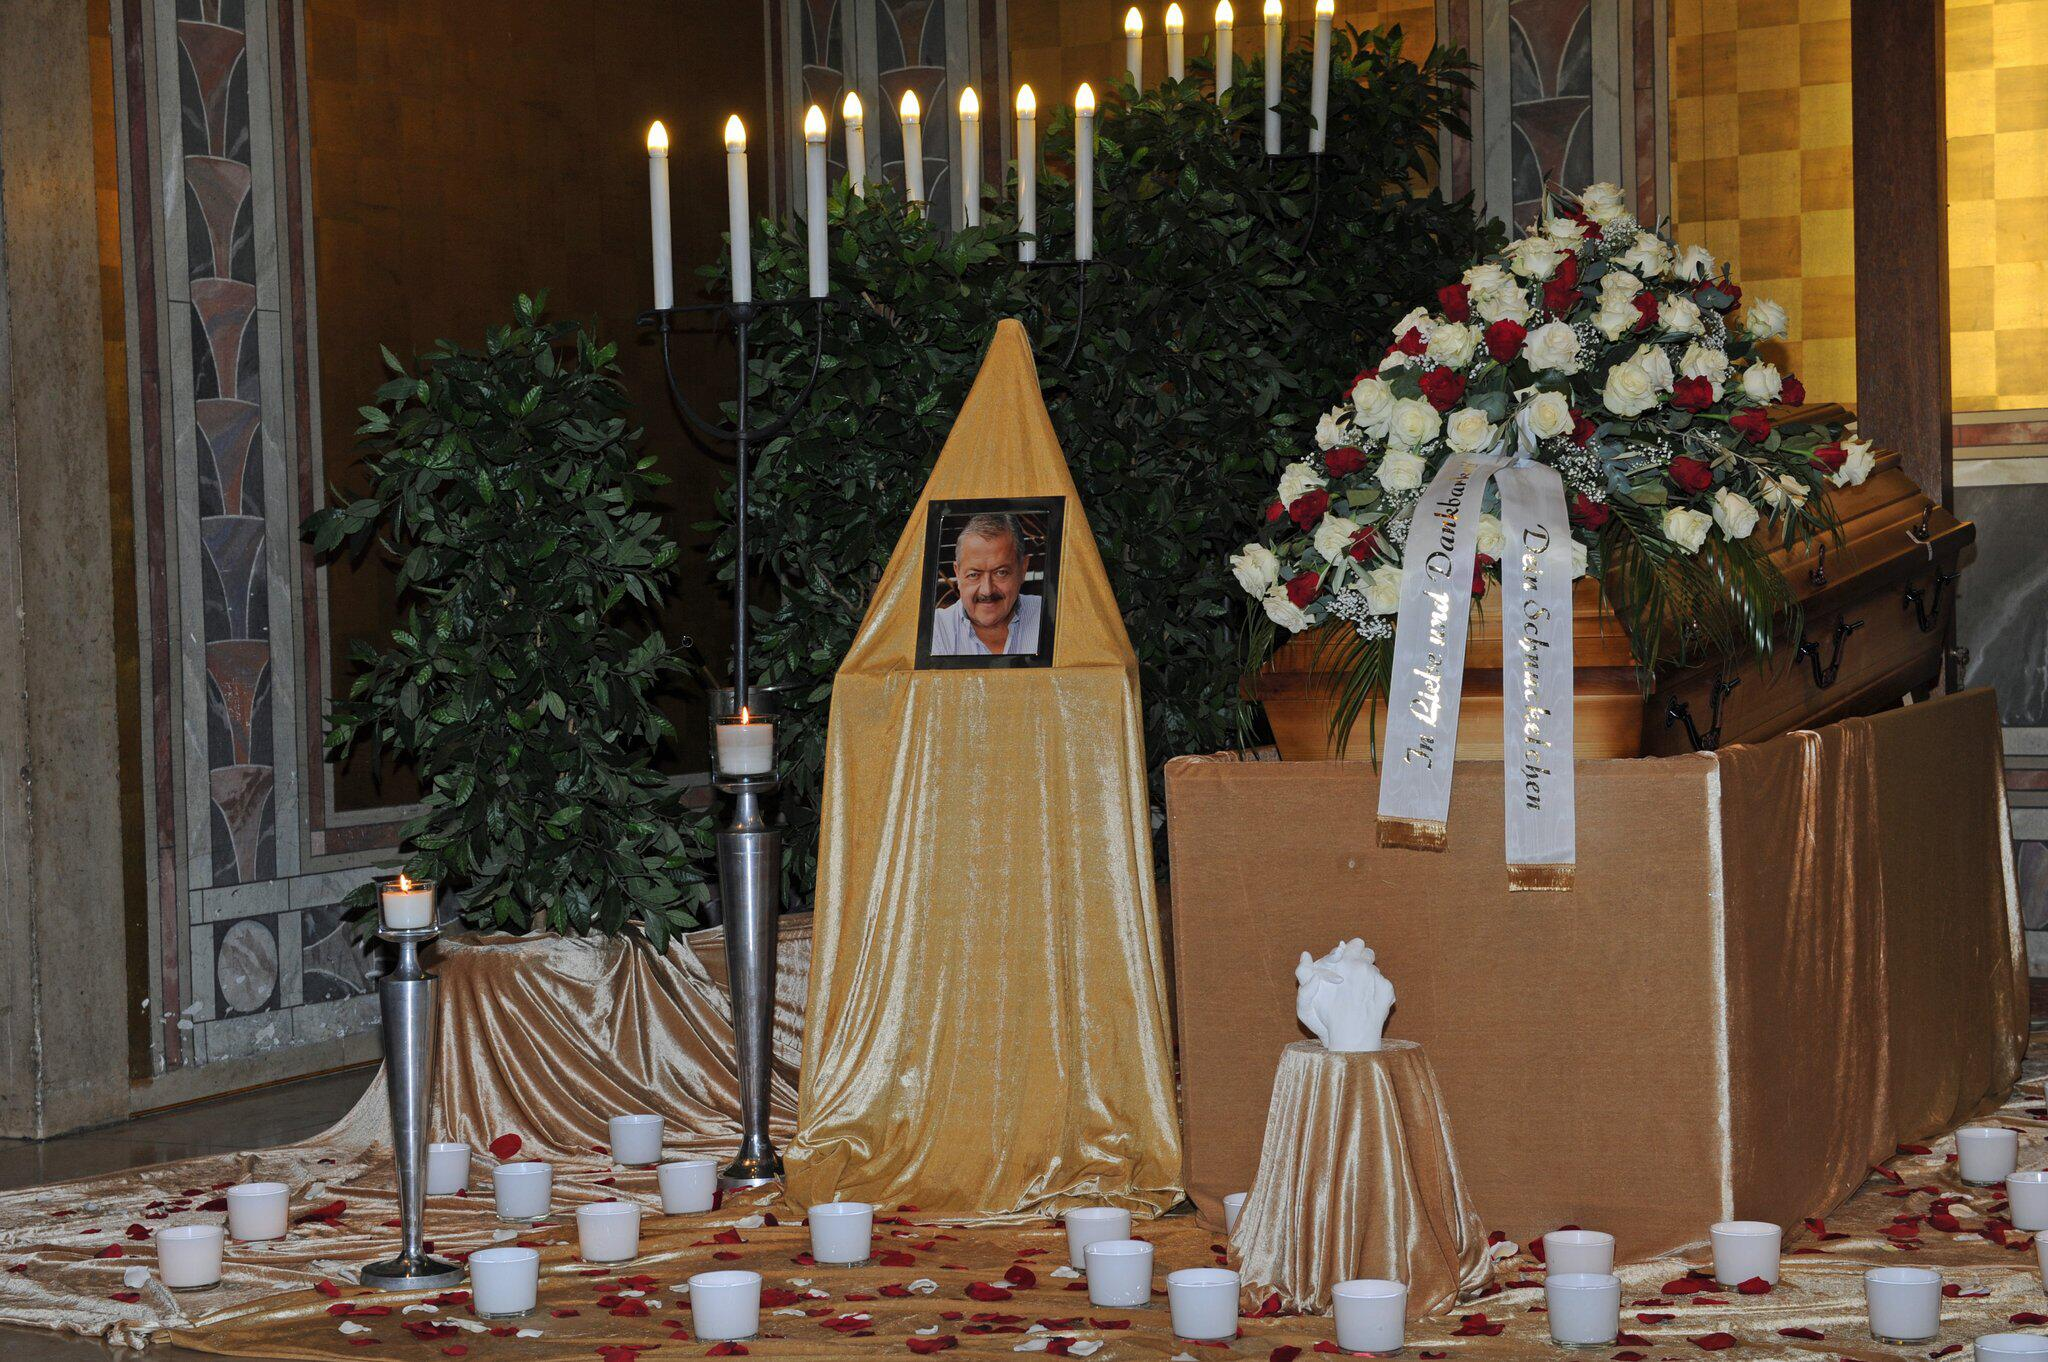 Bild zu Trauerfeier für verstorbenen Schauspieler Hannesschläger